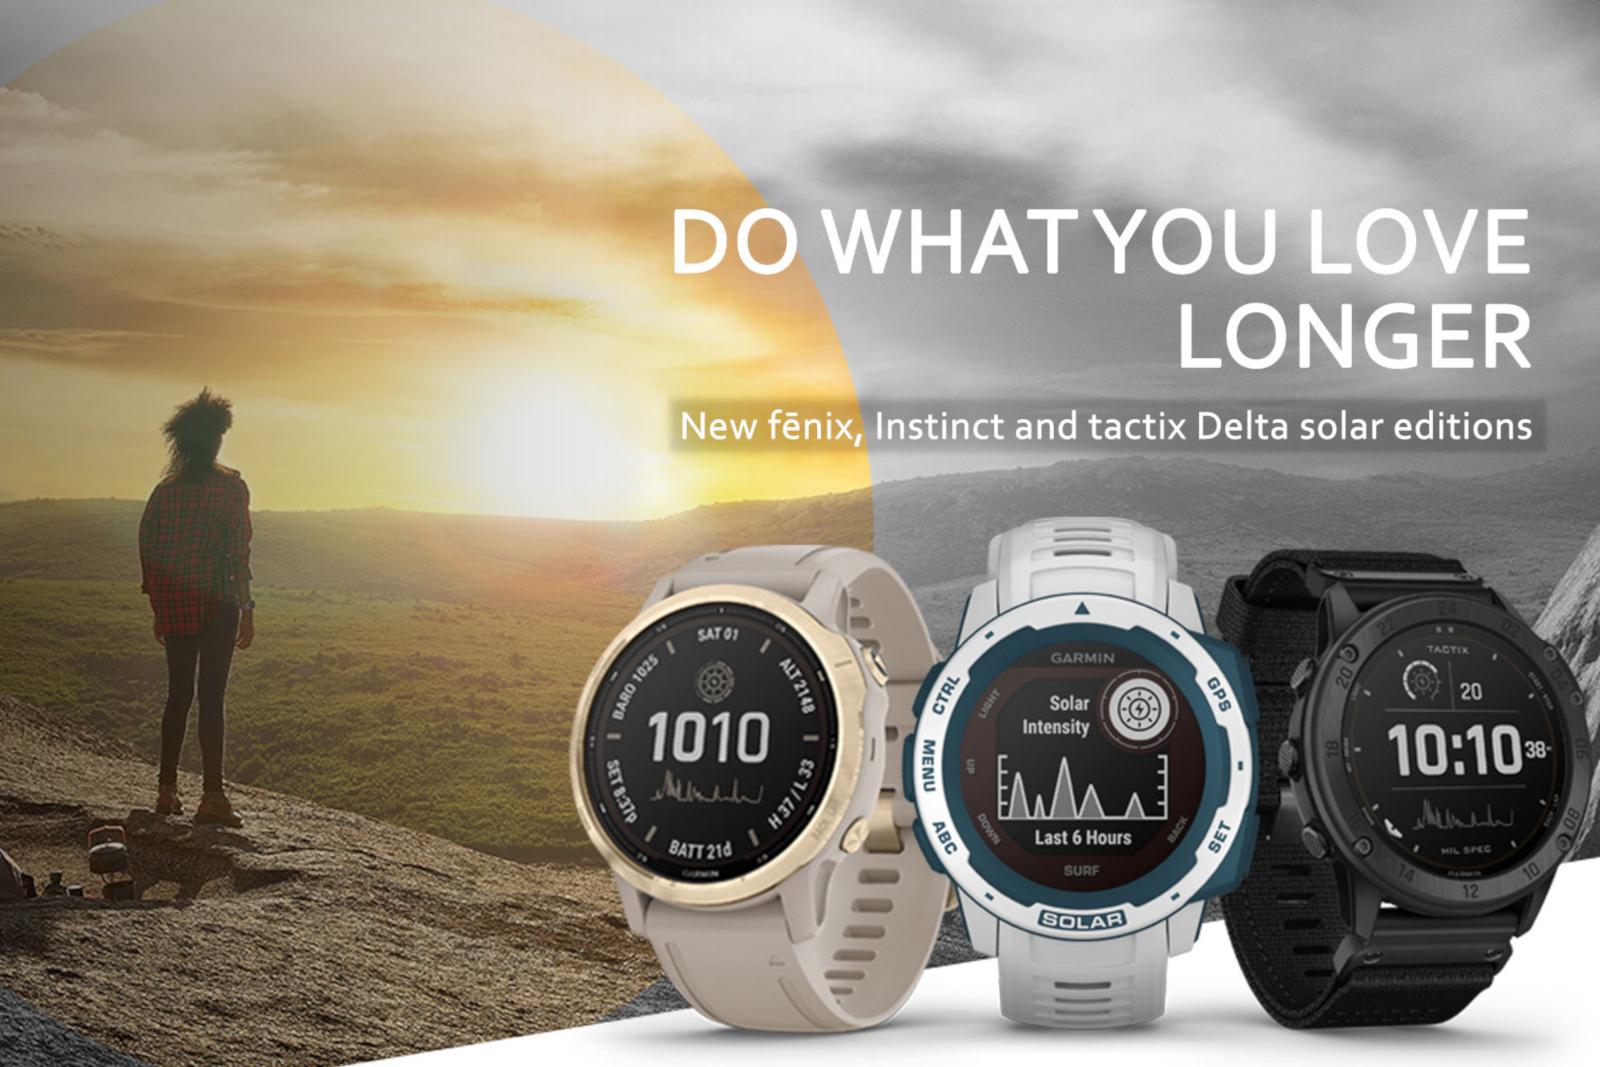 Garmin lança novos smartwatches antigos movidos a energia solar 1